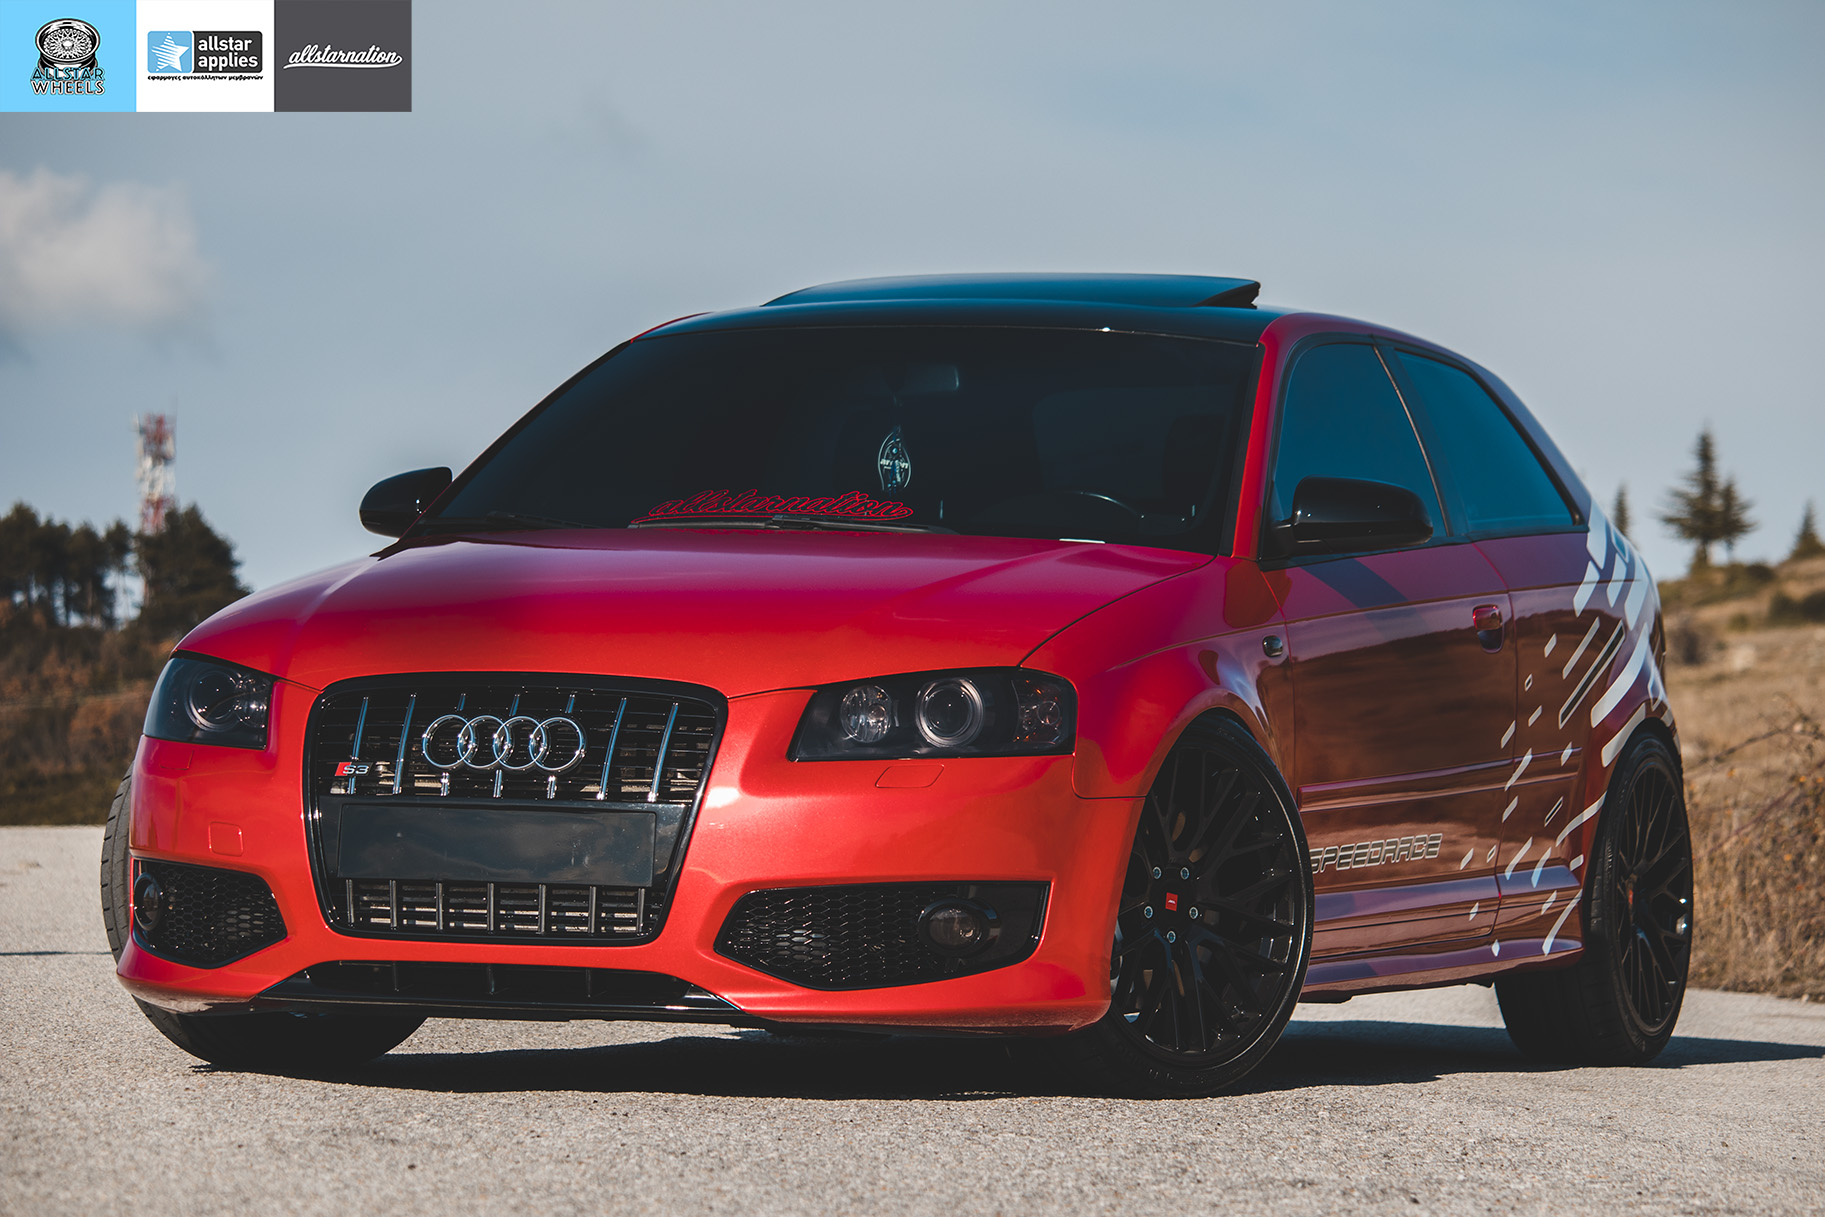 Audi s3 αλλαγή χρώματος με αυτοκόλλητα στη Θεσσαλονίκη Allstar Applies